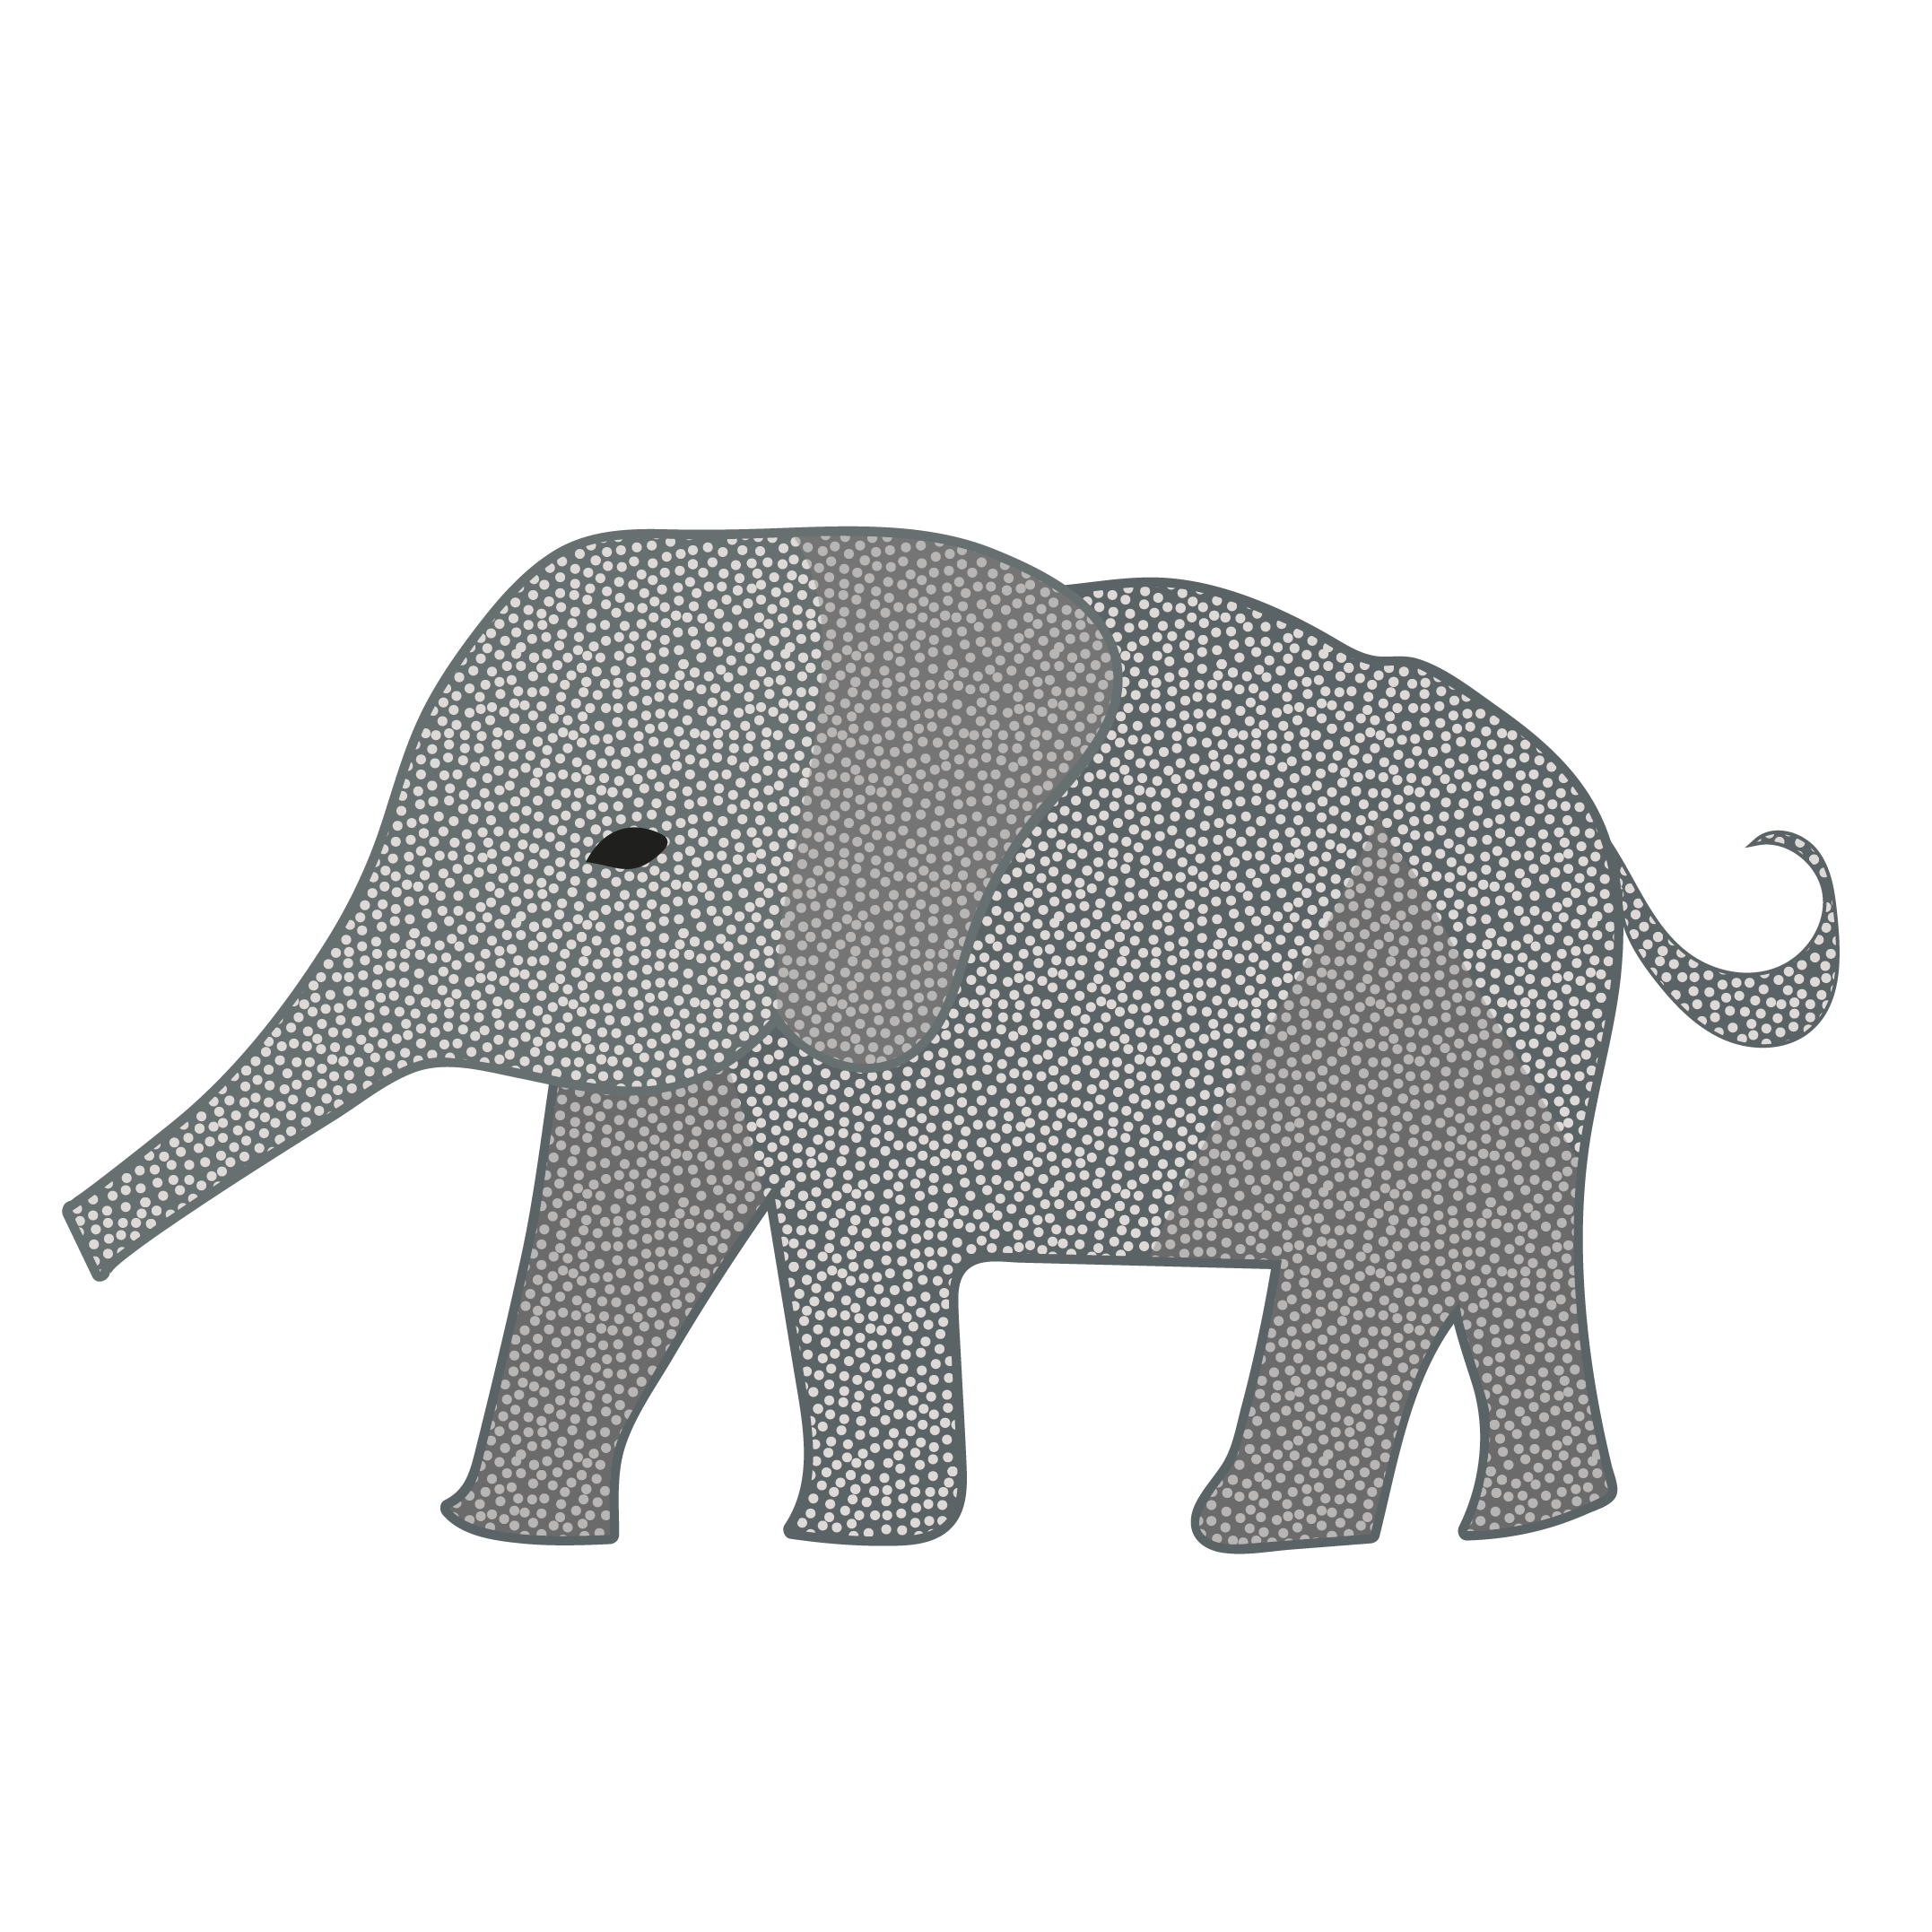 おしゃれな象(ゾウ)のイラスト【動物】 | 商用フリー(無料)のイラスト